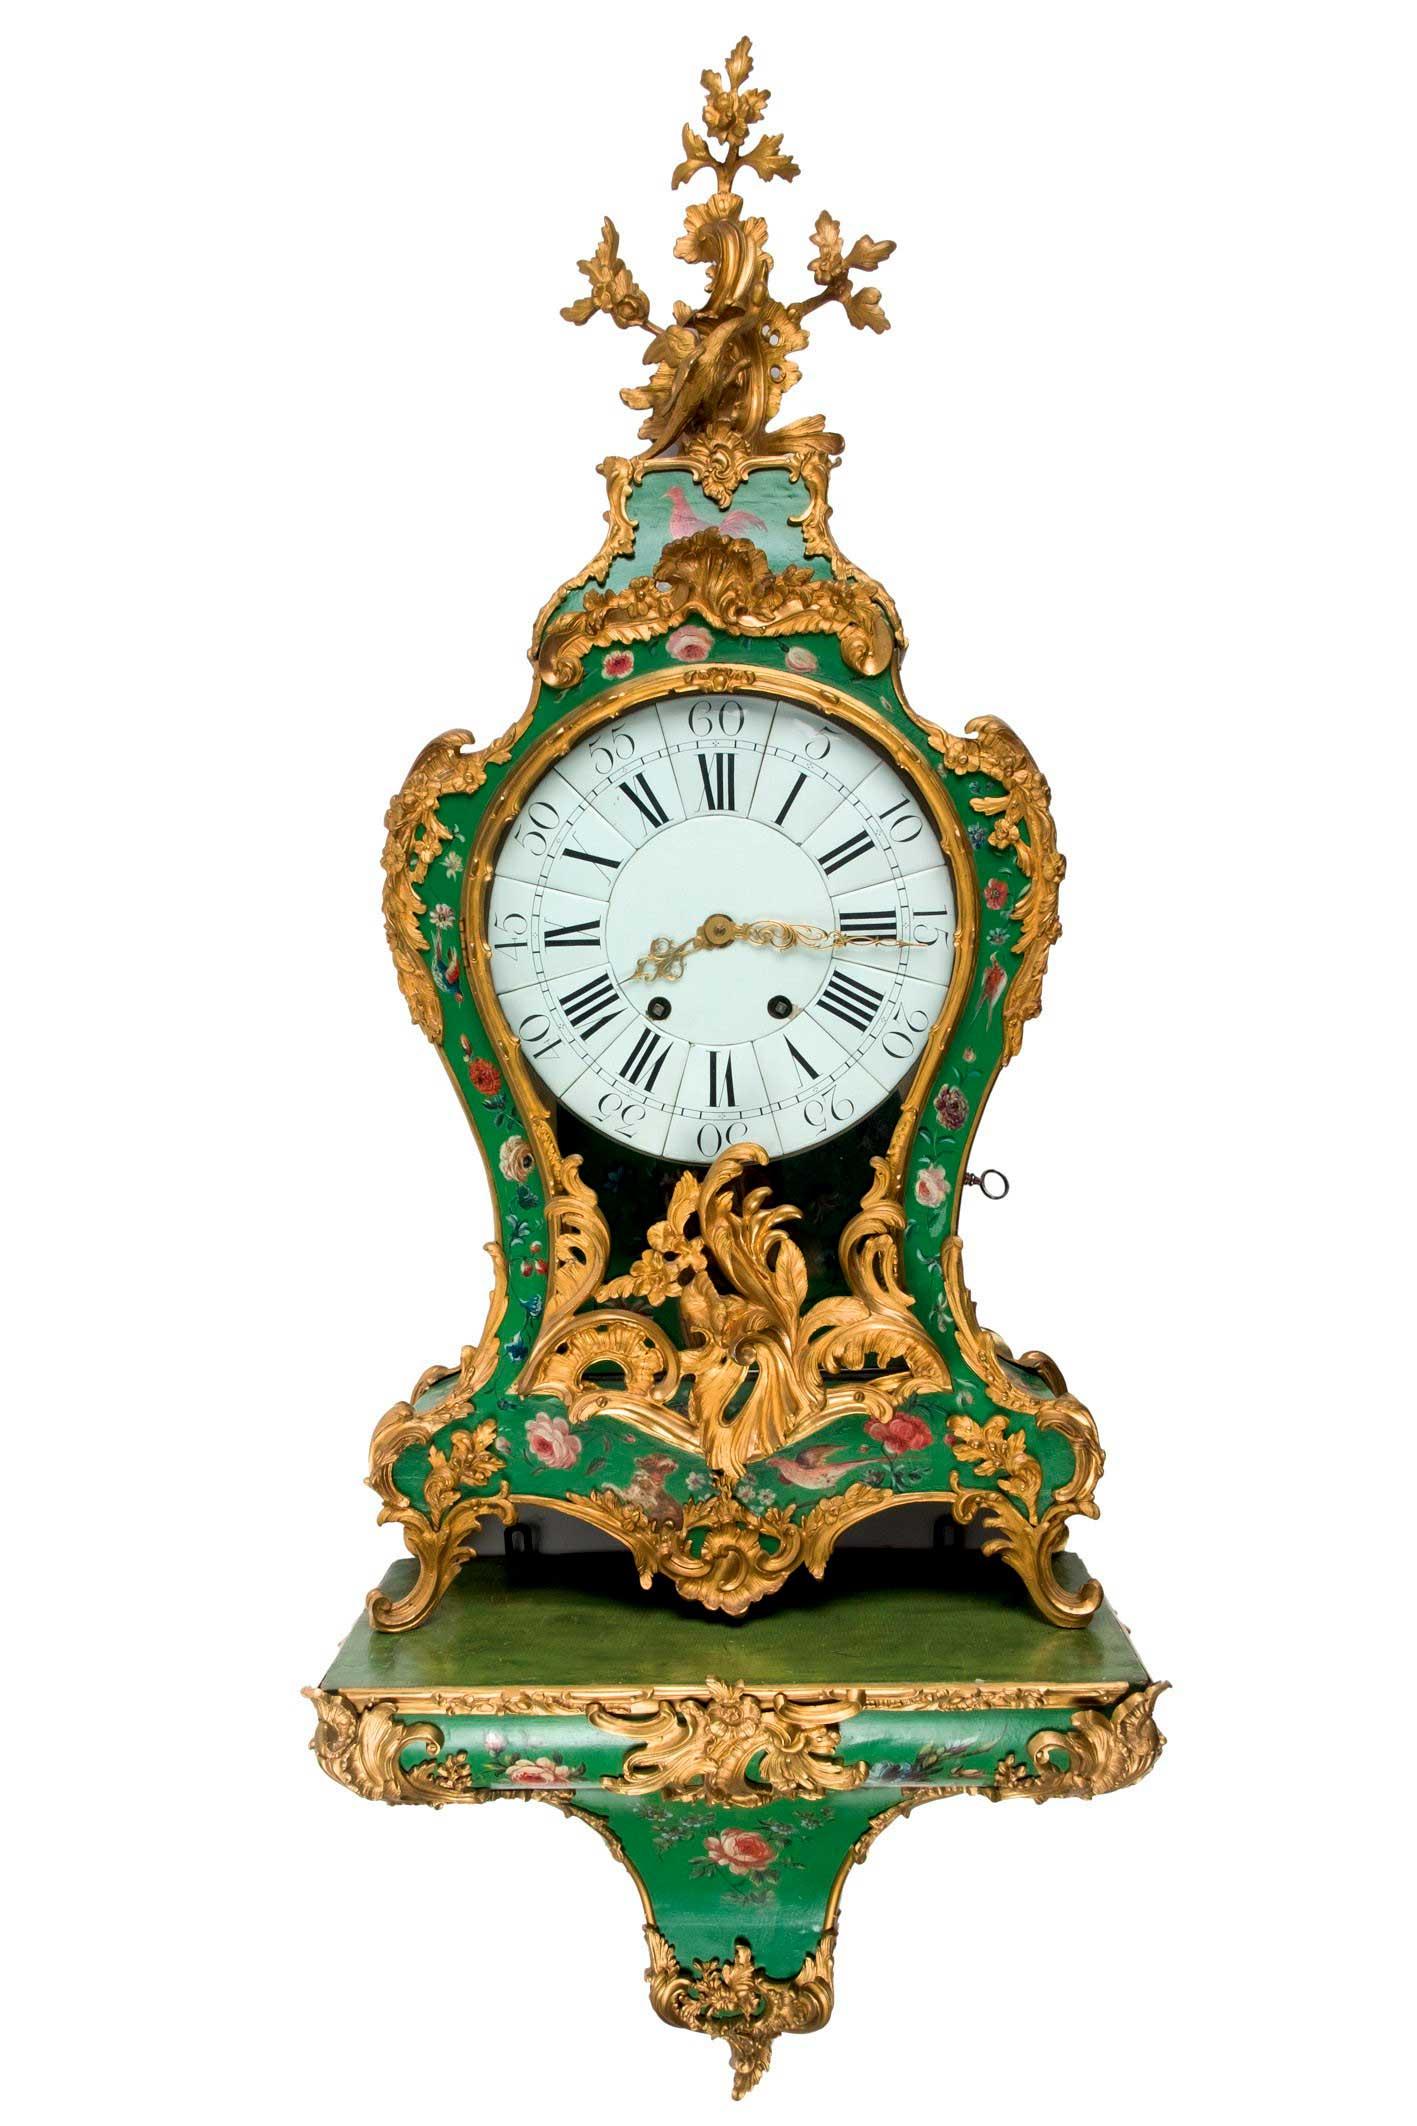 559-reloj-cartel-estilo-louis-xv-con-base.-caja-de-madera-policromada-en-verde-con-decoracin-floral-y-aves.-aplicaciones-de-bronce-tanto-en-la-parte-frontal-como-en-el-remate.01